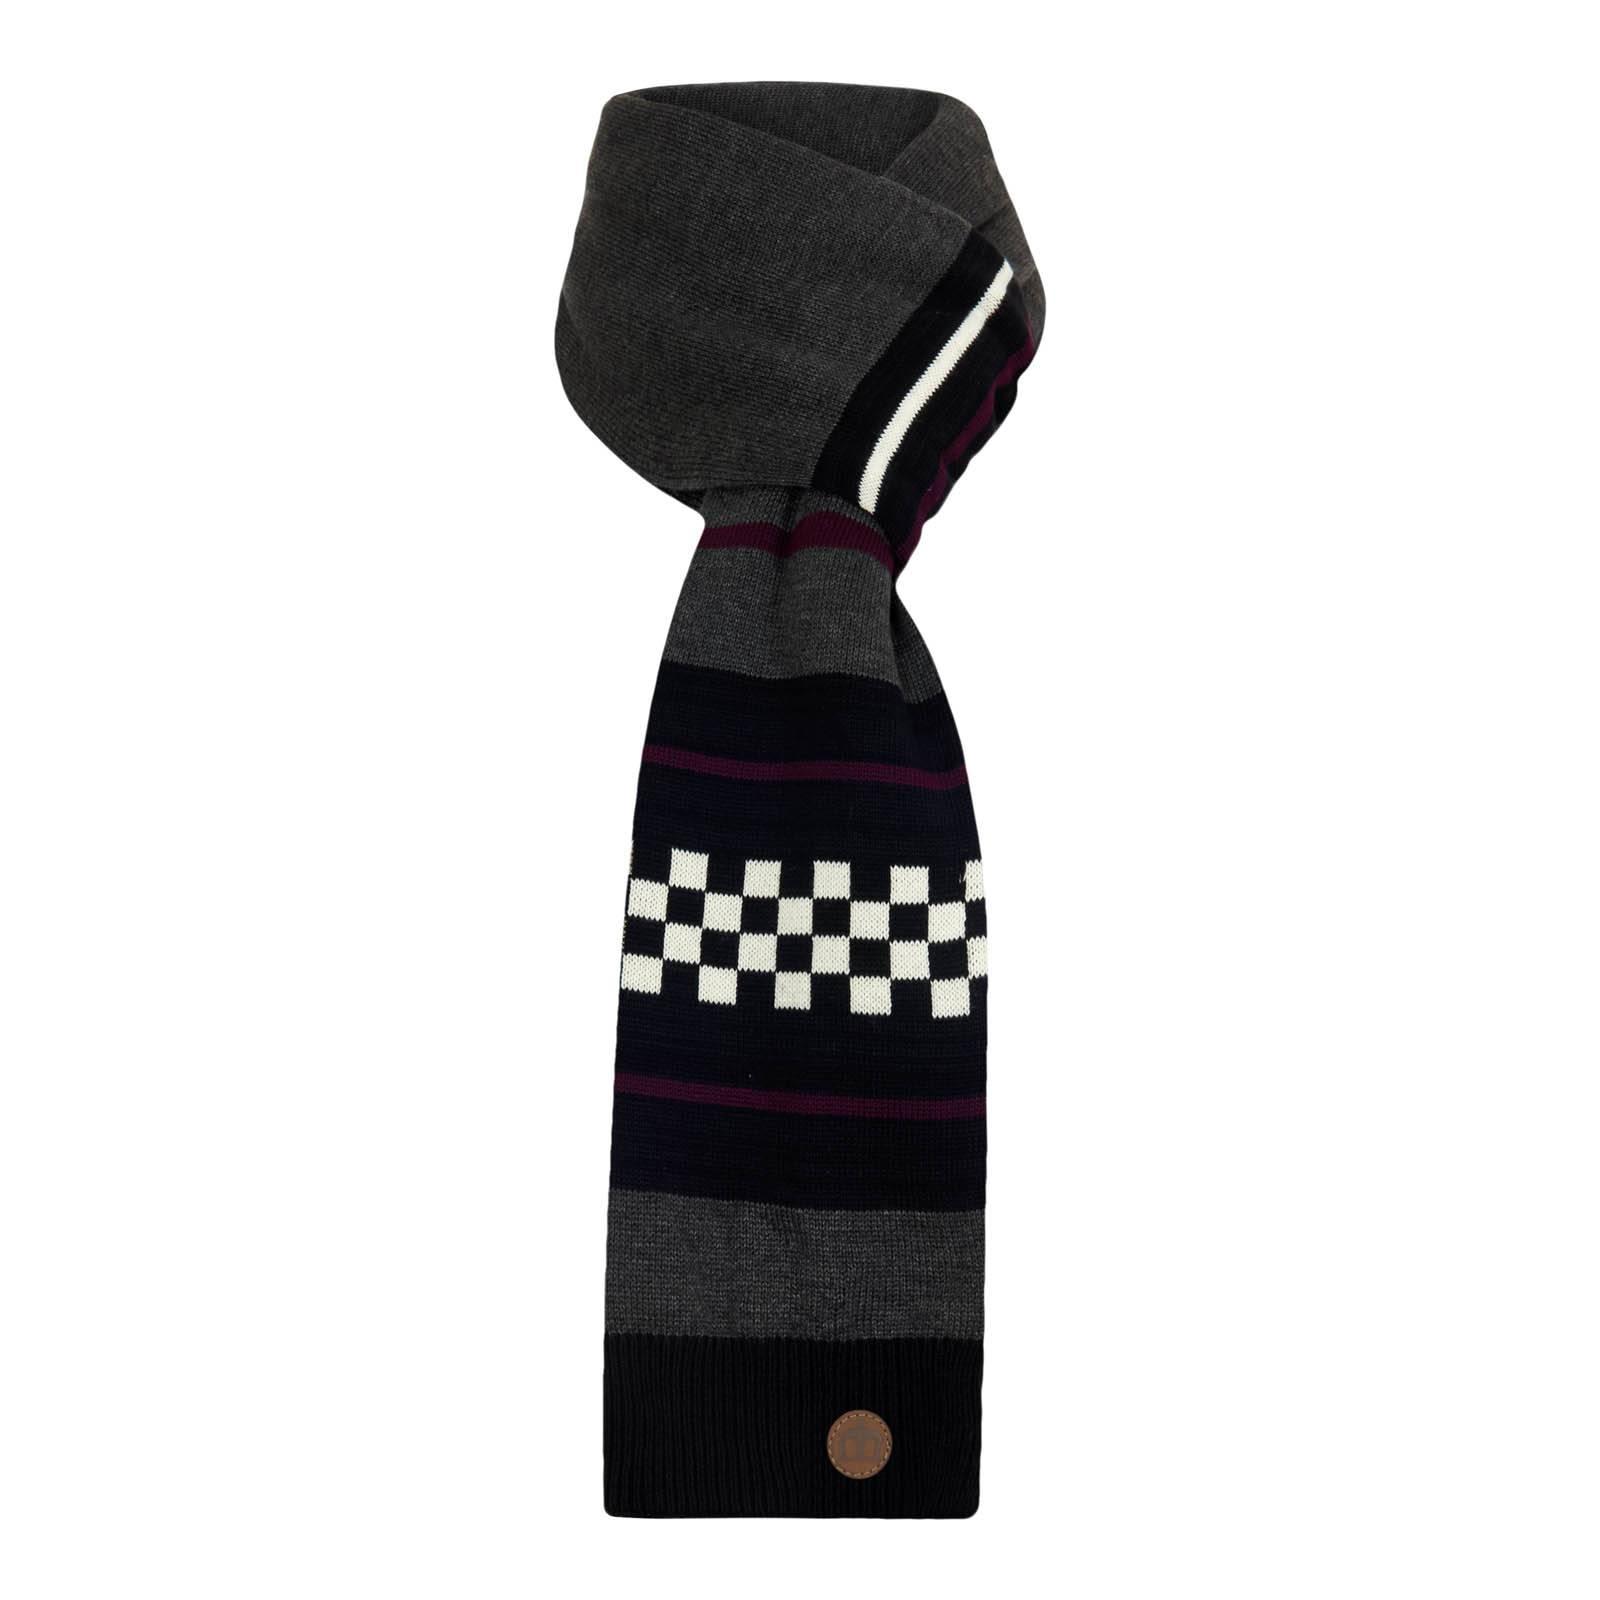 Шарф ClaxbyАксессуары<br>Зимний шарф унисекс, произведенный из высококачественного комбинированного трикотажа – не раздражающей кожу ткани с хорошими теплоизоляционными свойствами.  Украшен в ретро стиле разноцветными поперечными полосами разного объема, красивым кожаным патчем с тиснением фирменного логотипа Корона, а также знаковым узором «шашечка», символизирующим связь бренда с субкультурой Ска. Этот шарф хорошо сочетается с черной паркой или синим дафлкотом, а также с множеством других моделей верхней одежды.<br><br>Артикул: 1016203<br>Материал: 50% хлопок, 50% акрил<br>Цвет: серый с черным<br>Пол: Унисекс